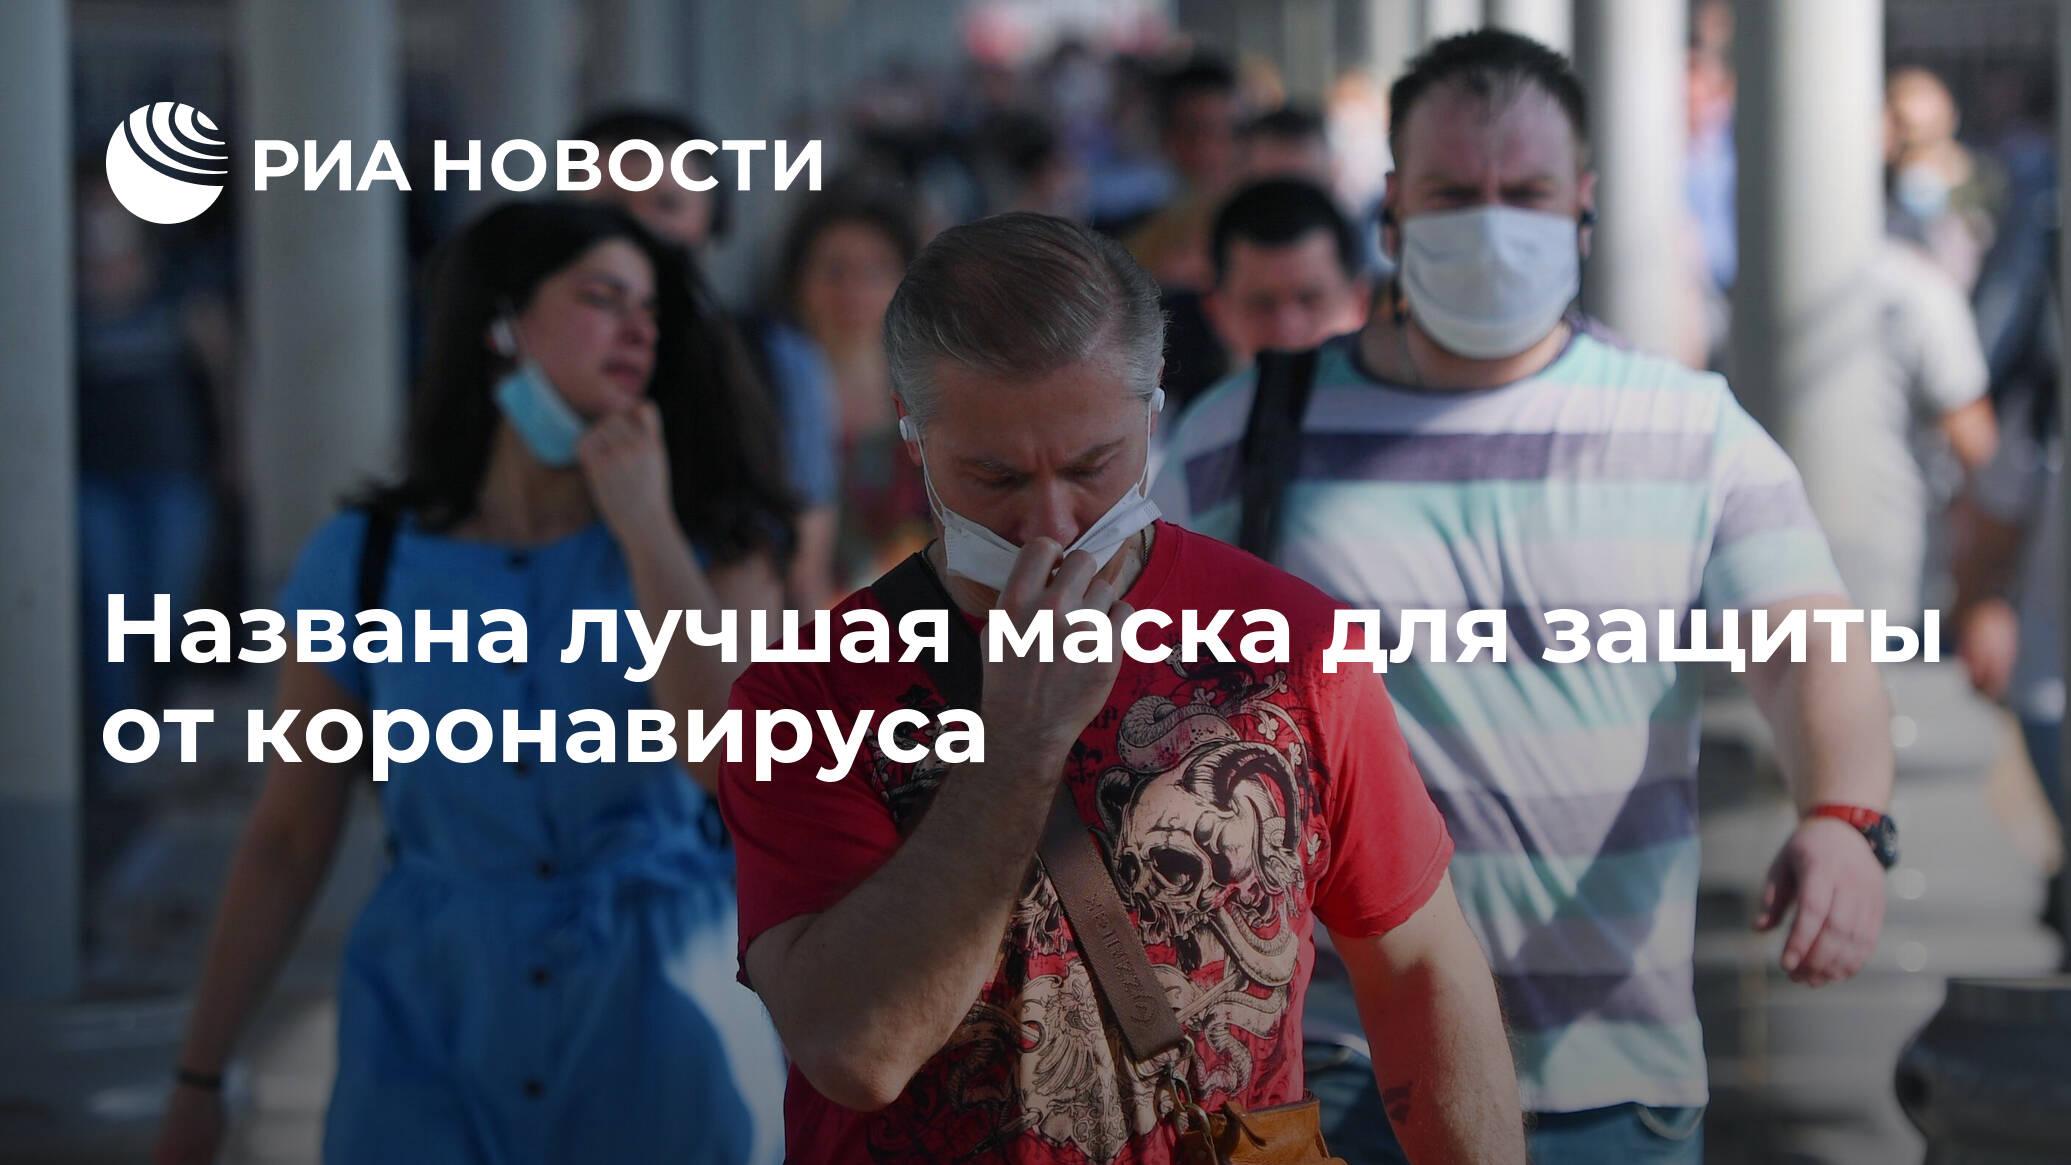 Названа лучшая маска для защиты от коронавируса